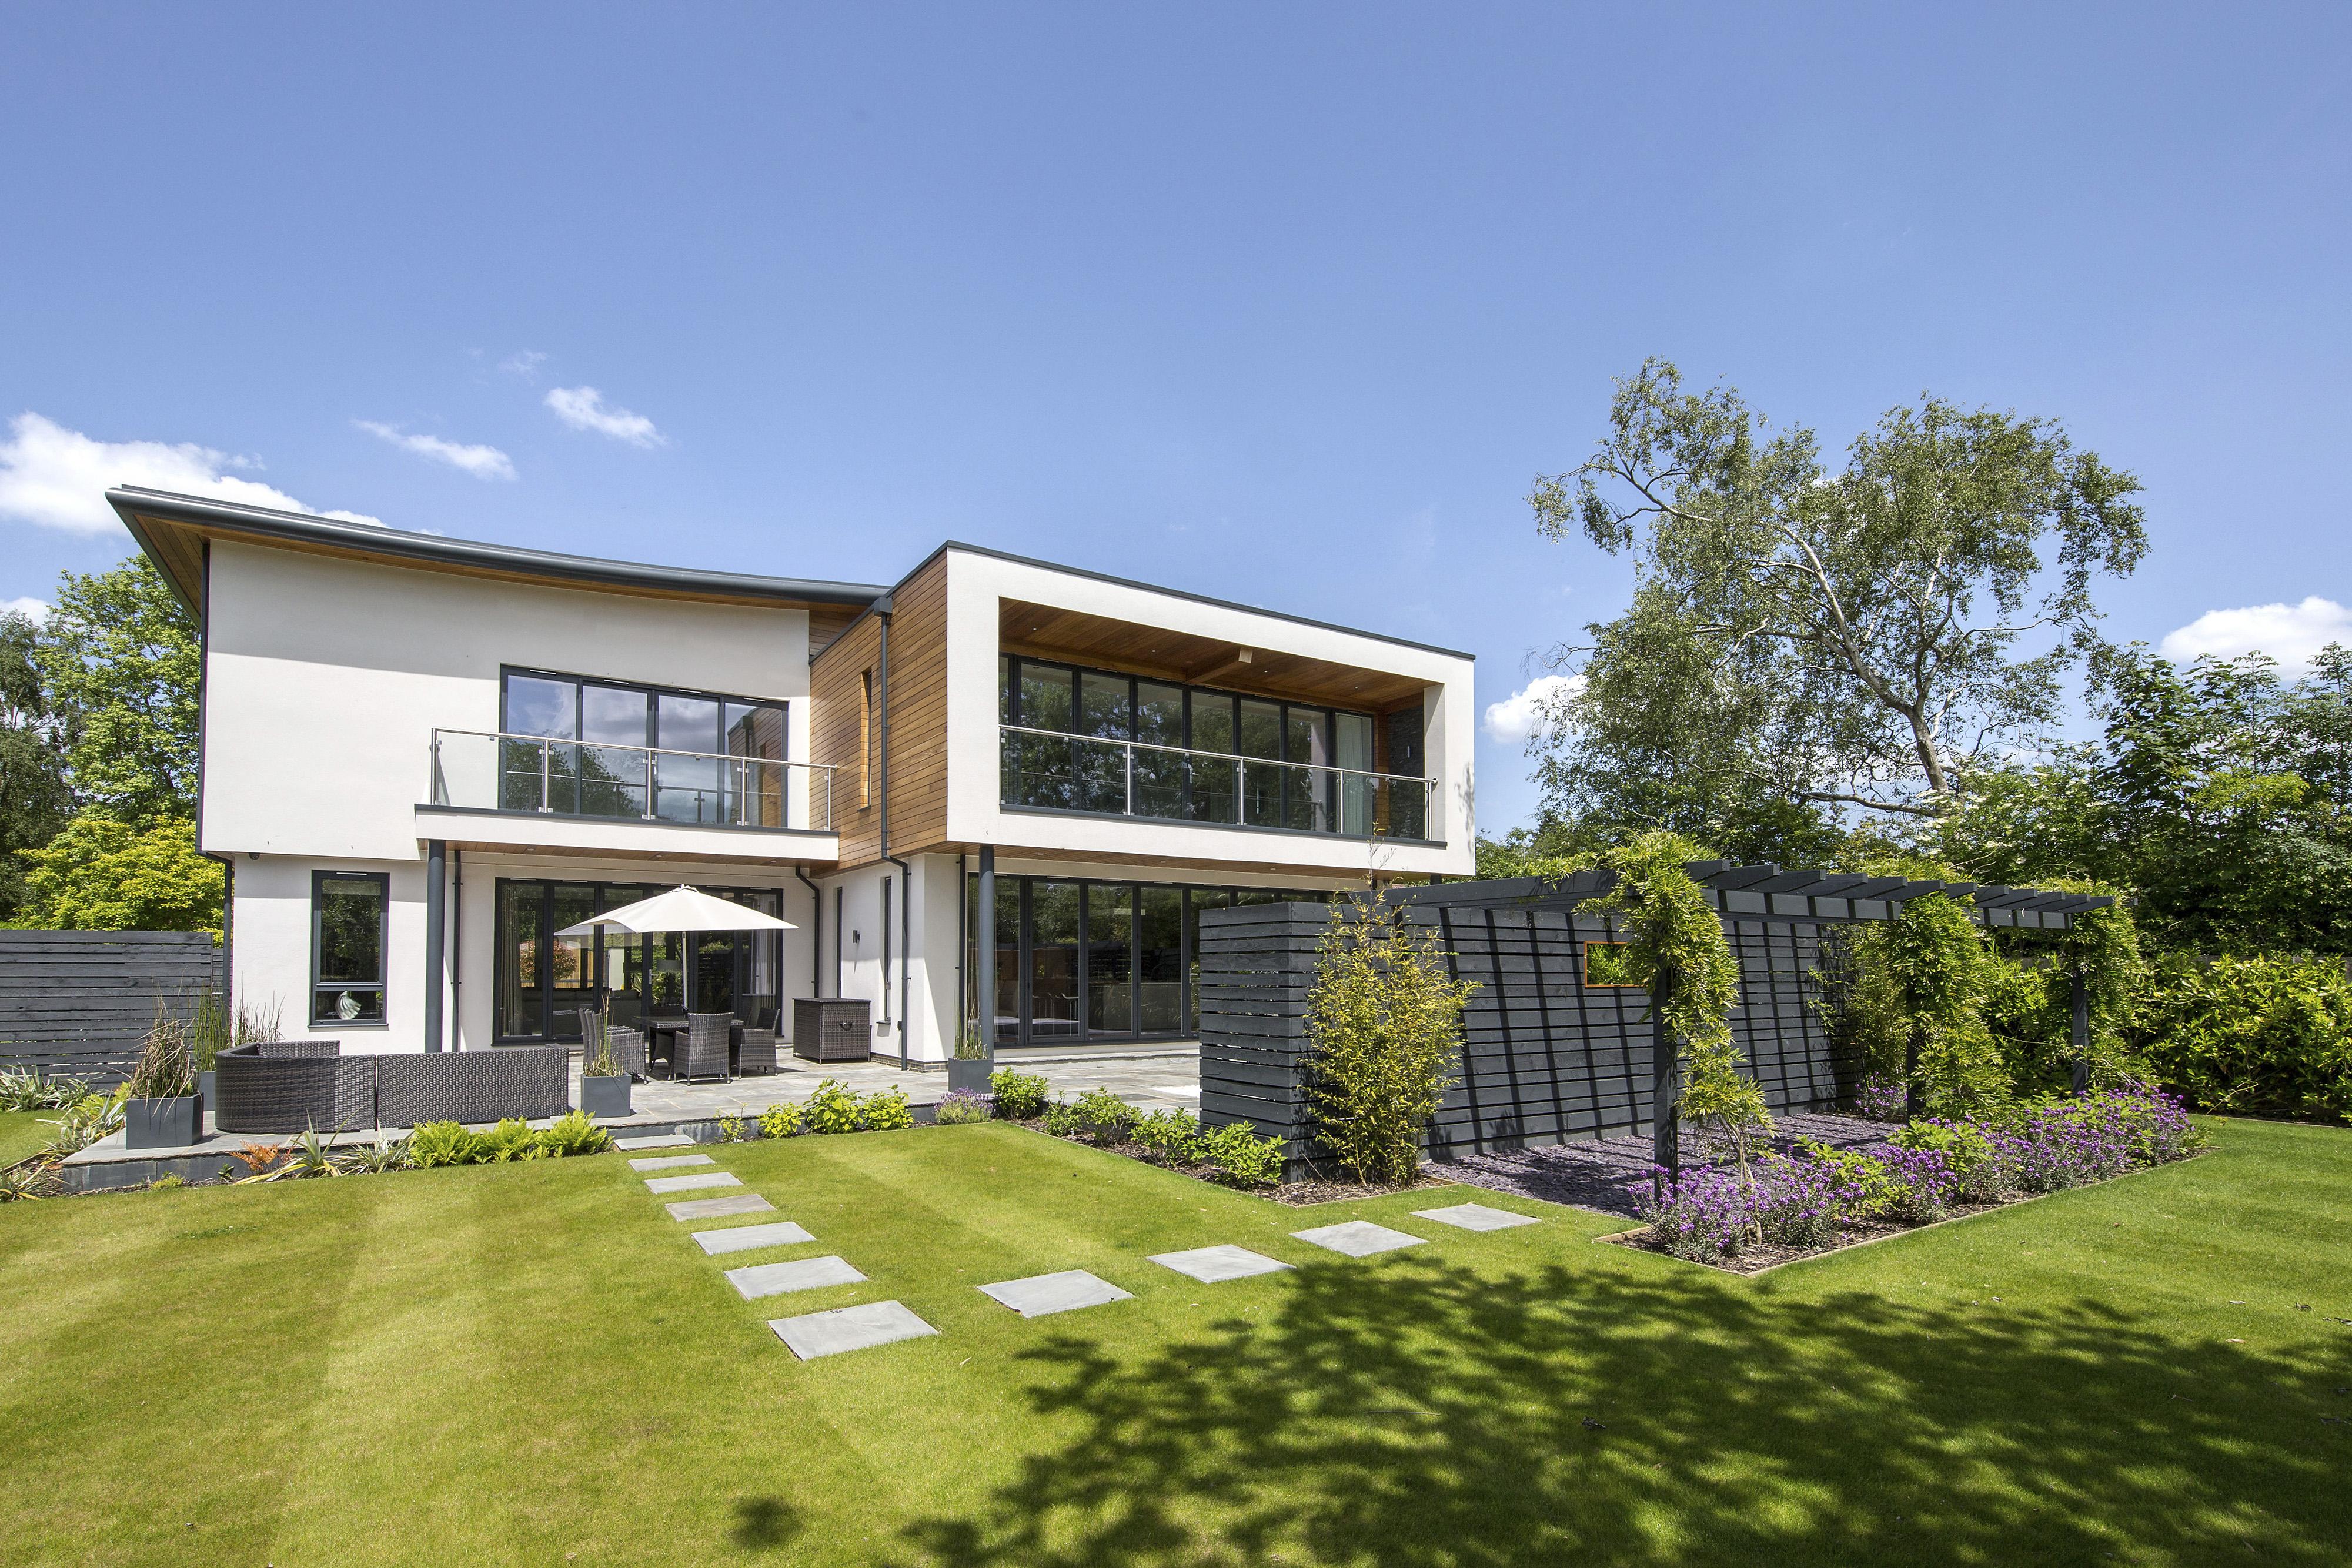 Tek Ailelik Ev için Satış at Kingswood Sandy Lane Other England, Ingiltere KT206NE Ingiltere